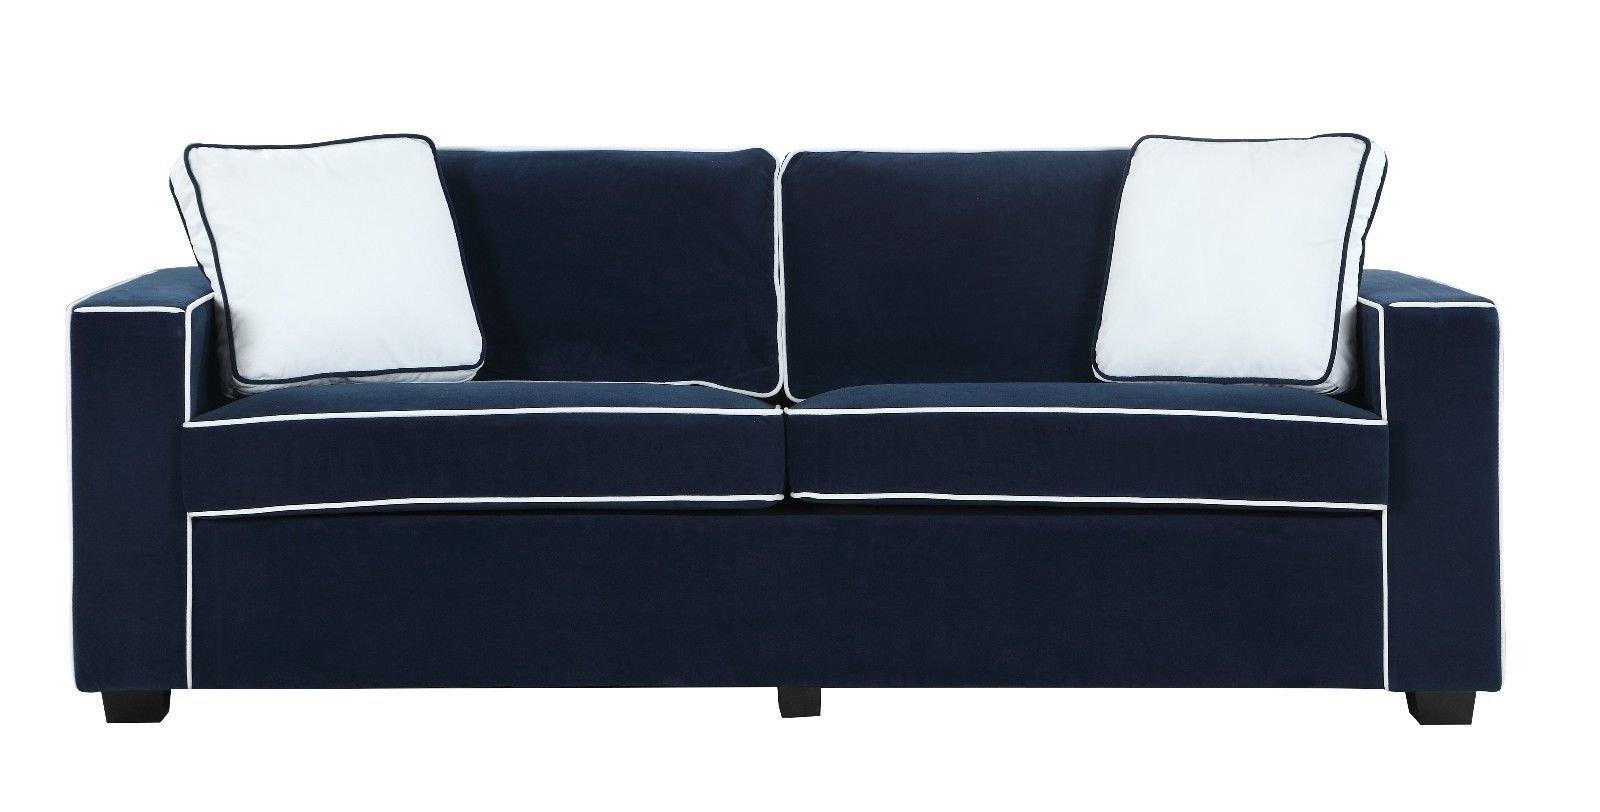 Brilliant Dos Tonos Modernos Colorido Tejido De Terciopelo Salon Sofa Caraccident5 Cool Chair Designs And Ideas Caraccident5Info